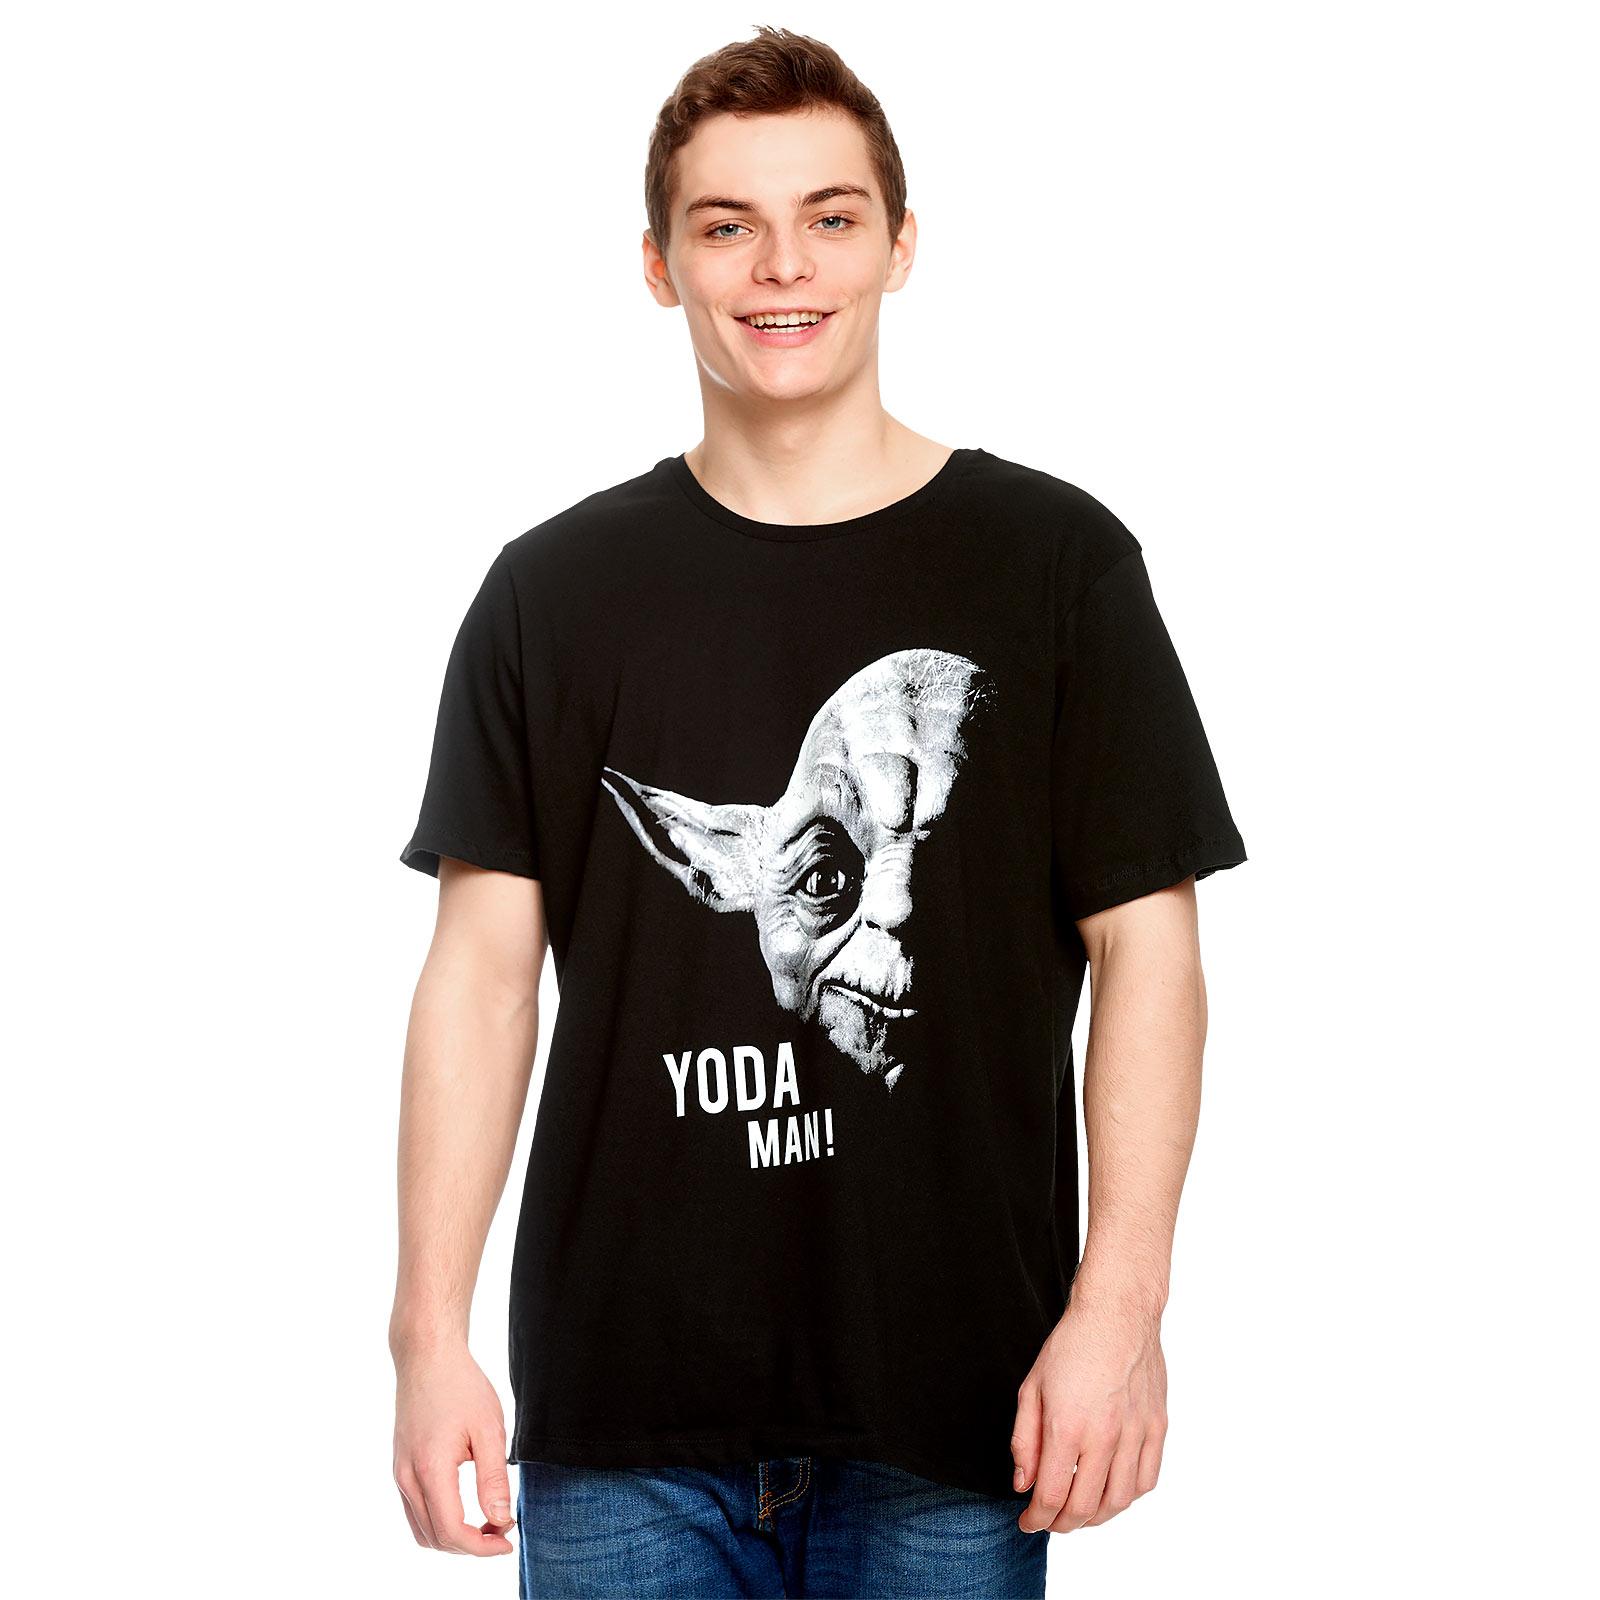 Star Wars - Yoda Man! T-Shirt schwarz